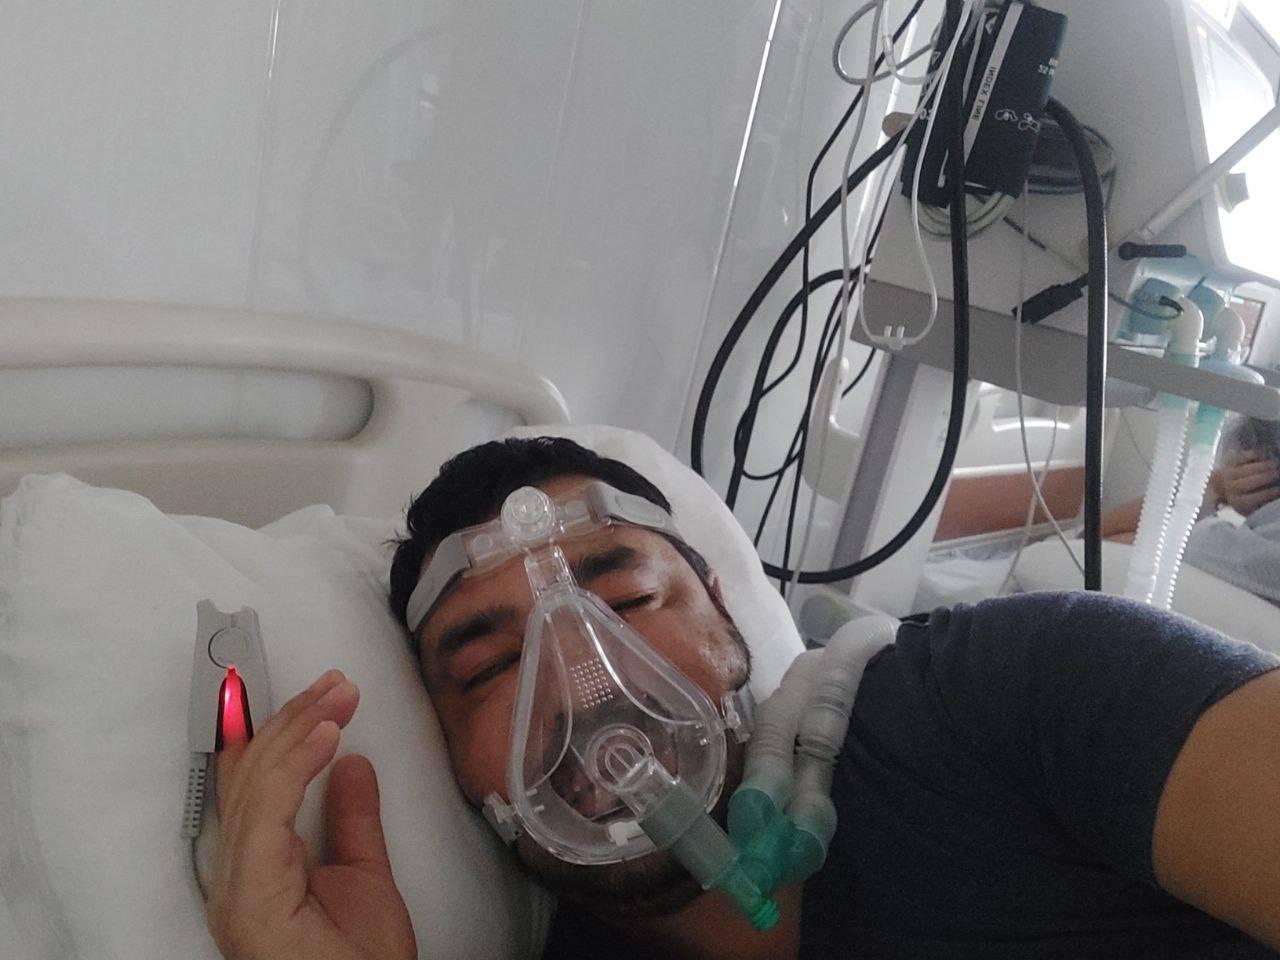 Хонанда Ўктам Камолов икки томонлама пневмонияга чалинган. Аҳволи оғир (ФОТО)